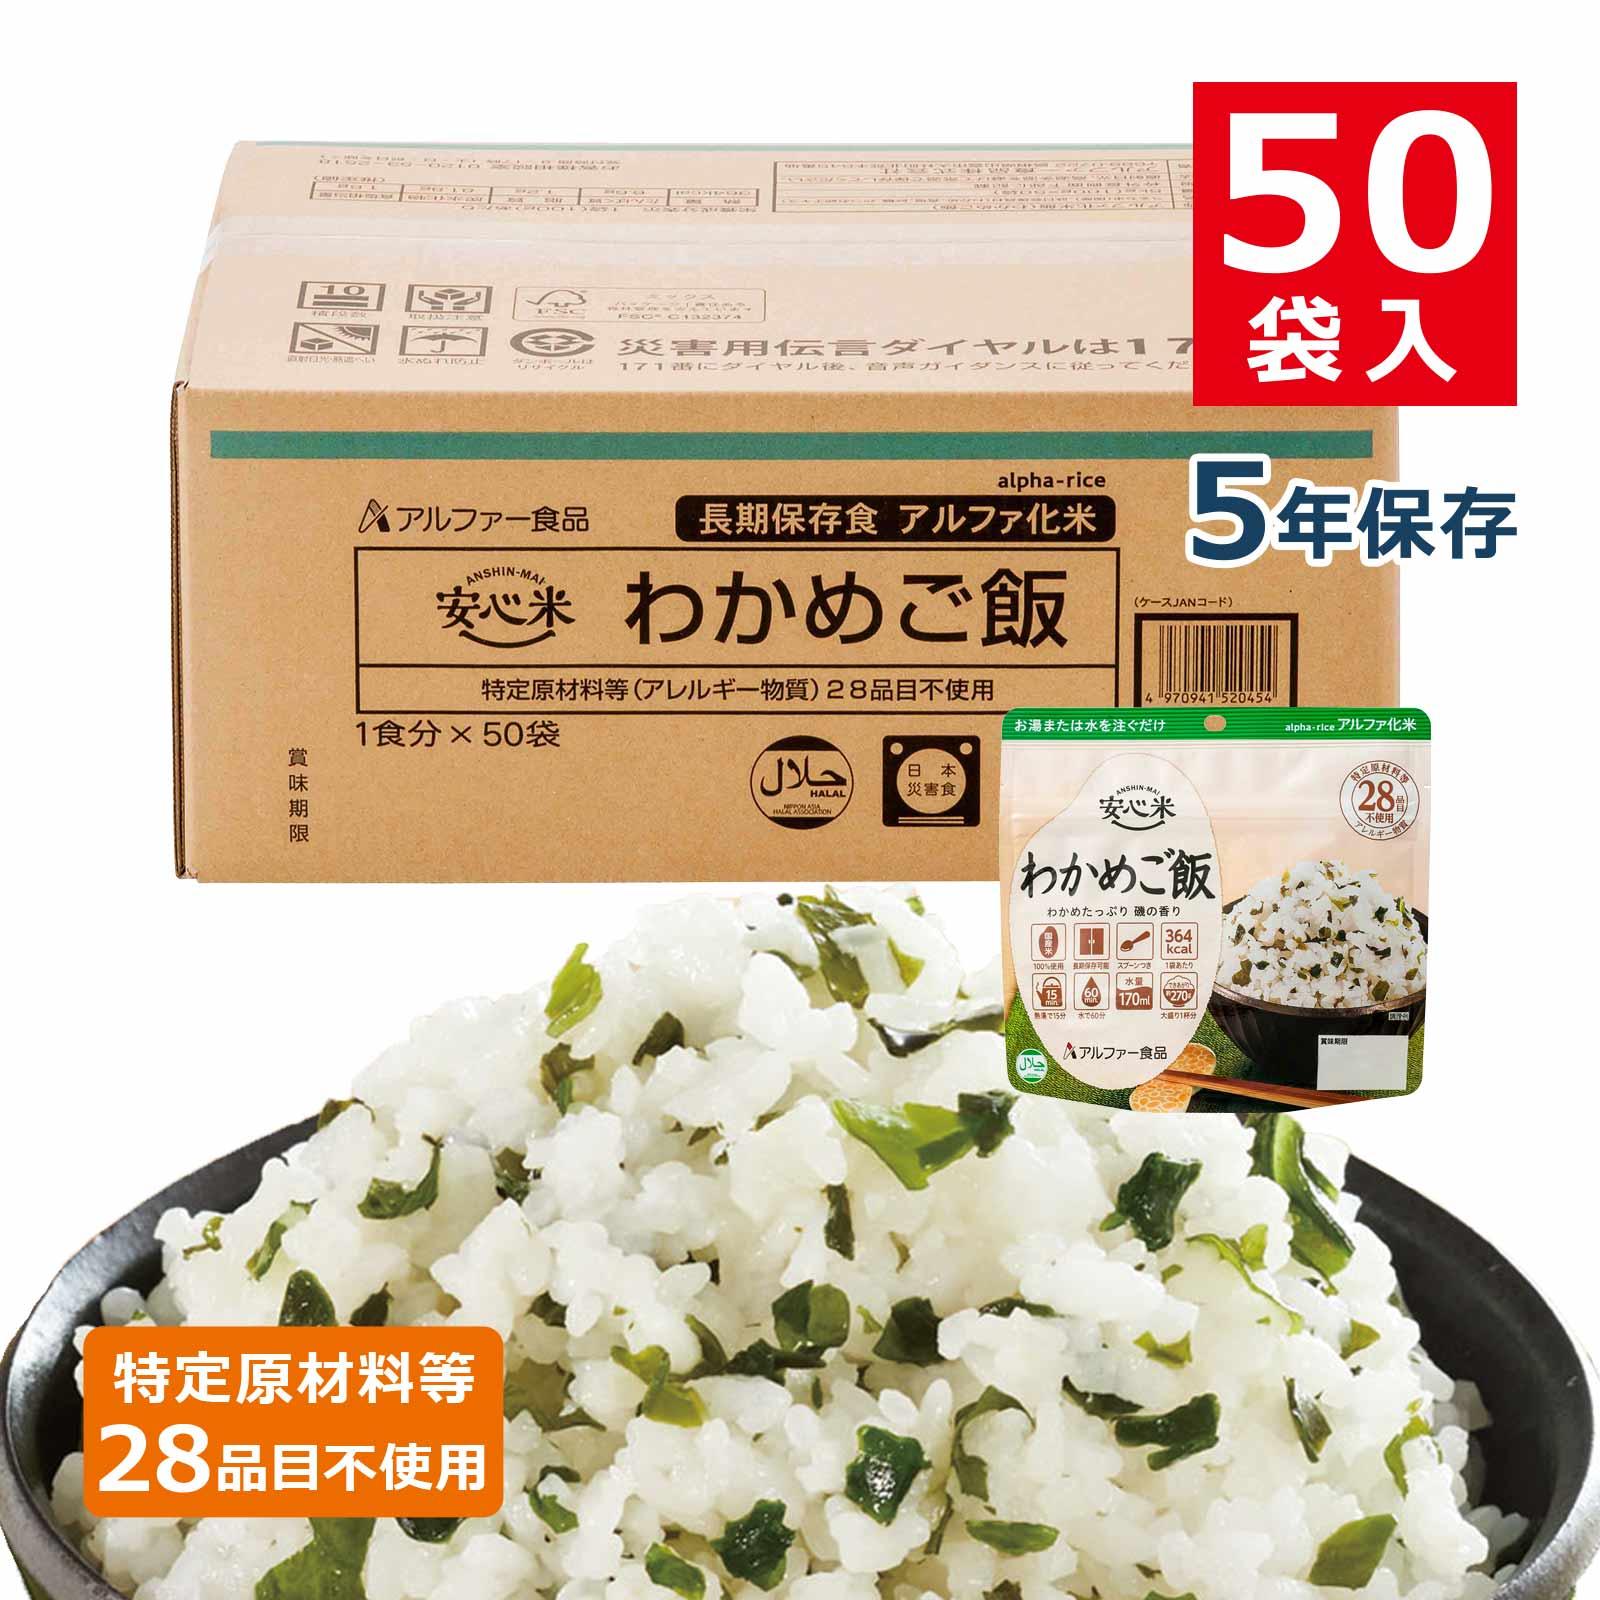 安心米(アルファ化米)個食 わかめご飯 50袋入画像